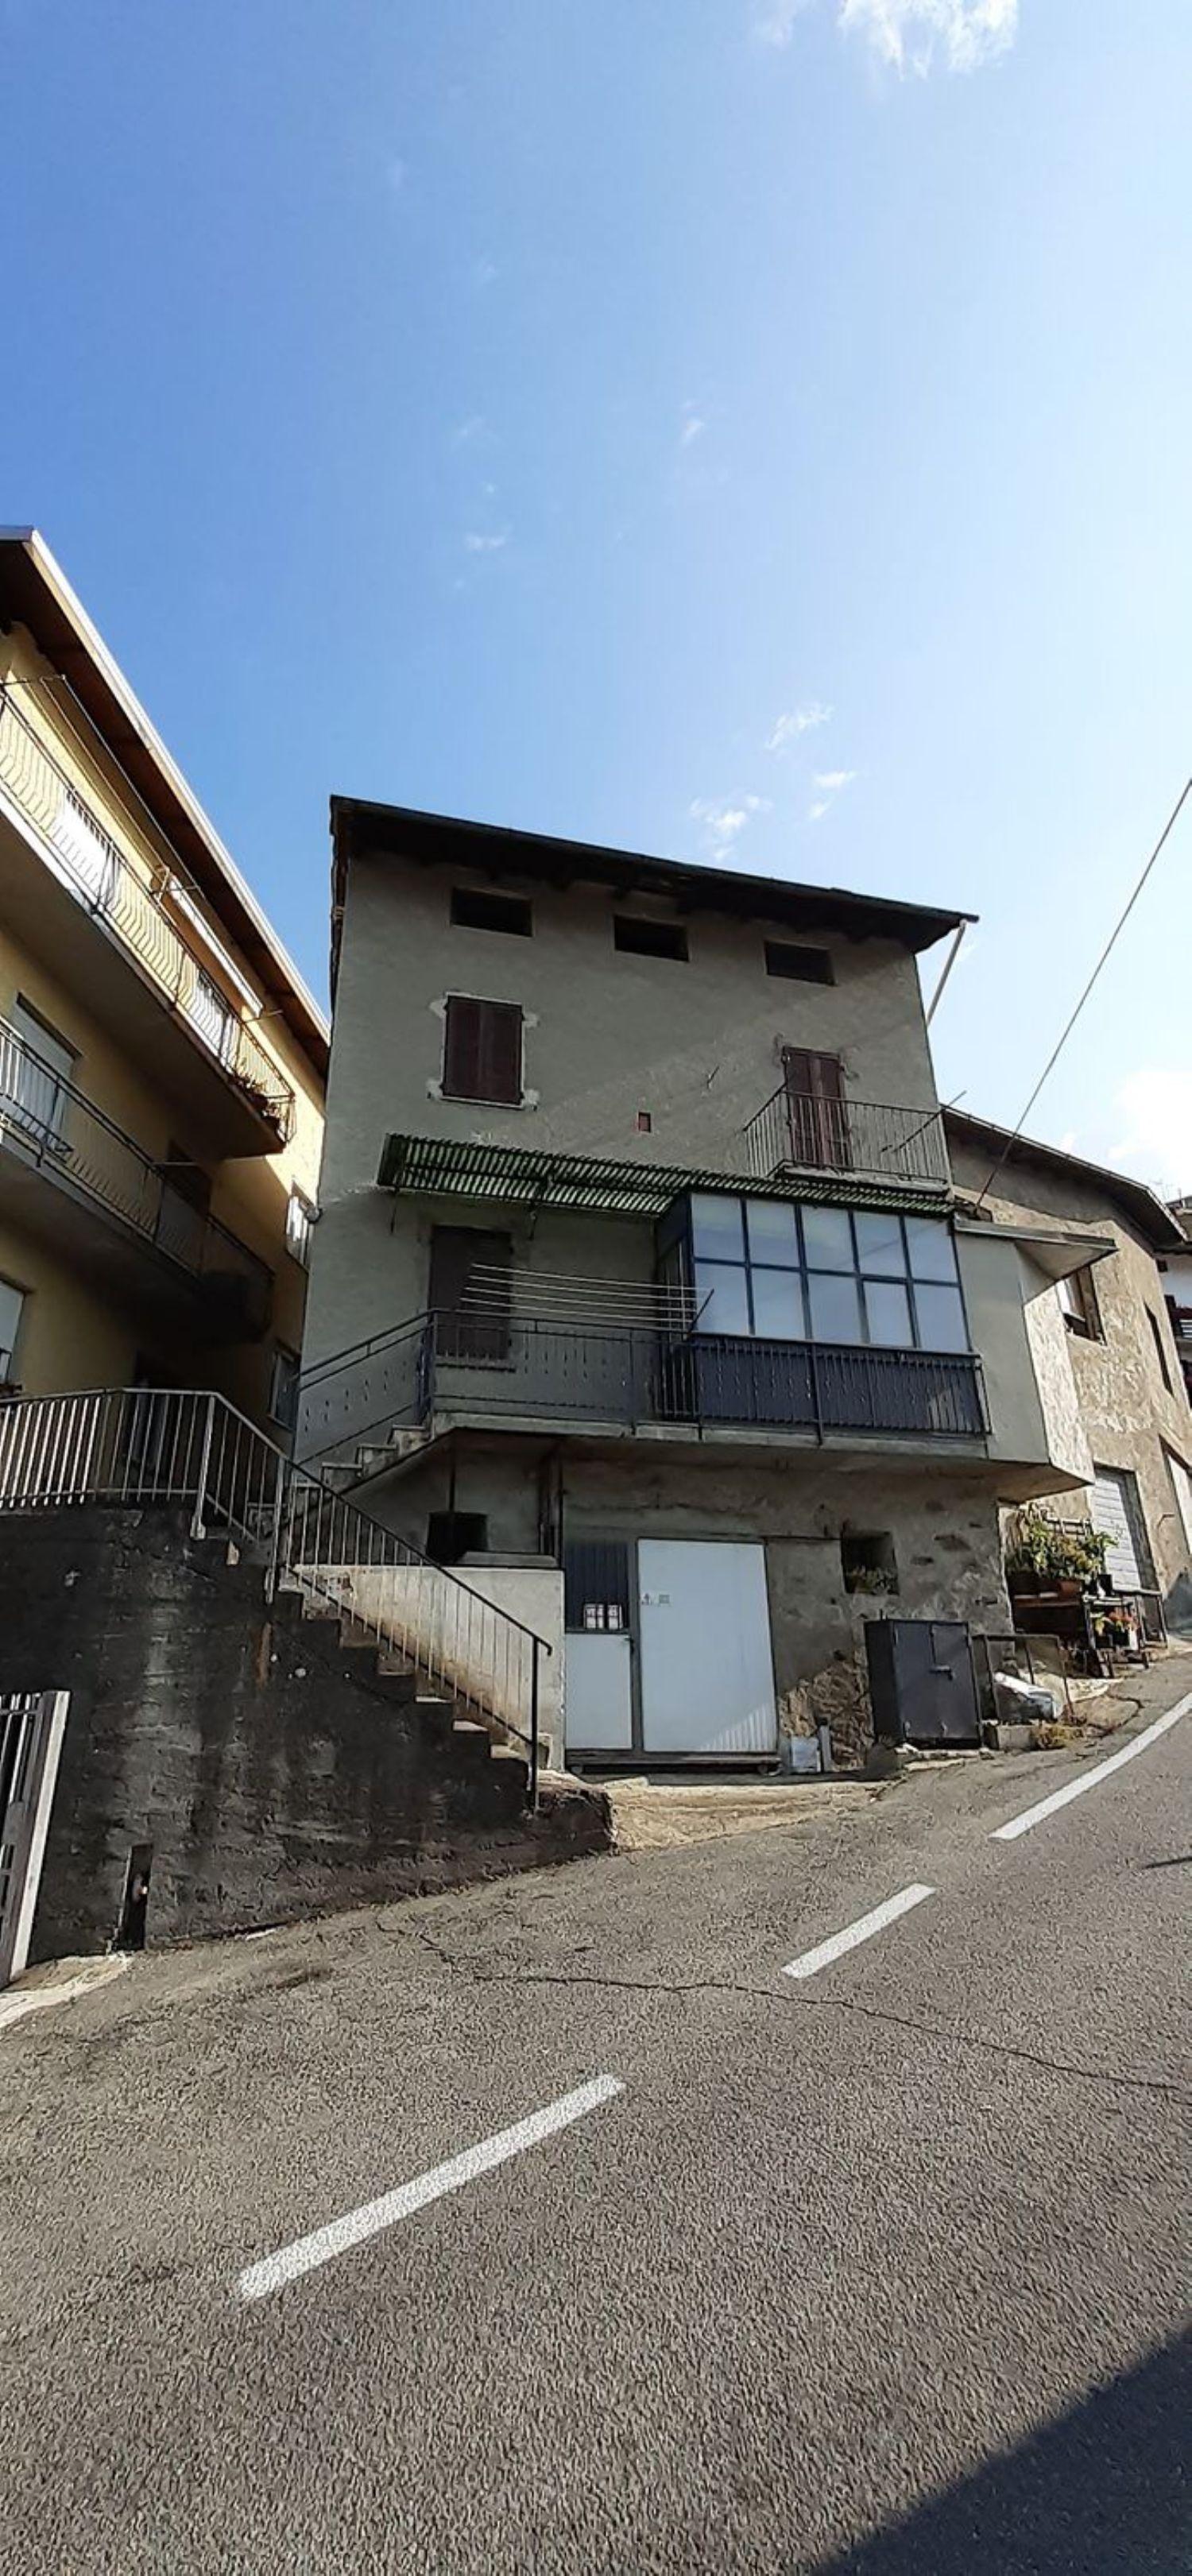 Villa Bifamiliare in vendita a Montagna in Valtellina, 7 locali, prezzo € 69.000 | PortaleAgenzieImmobiliari.it